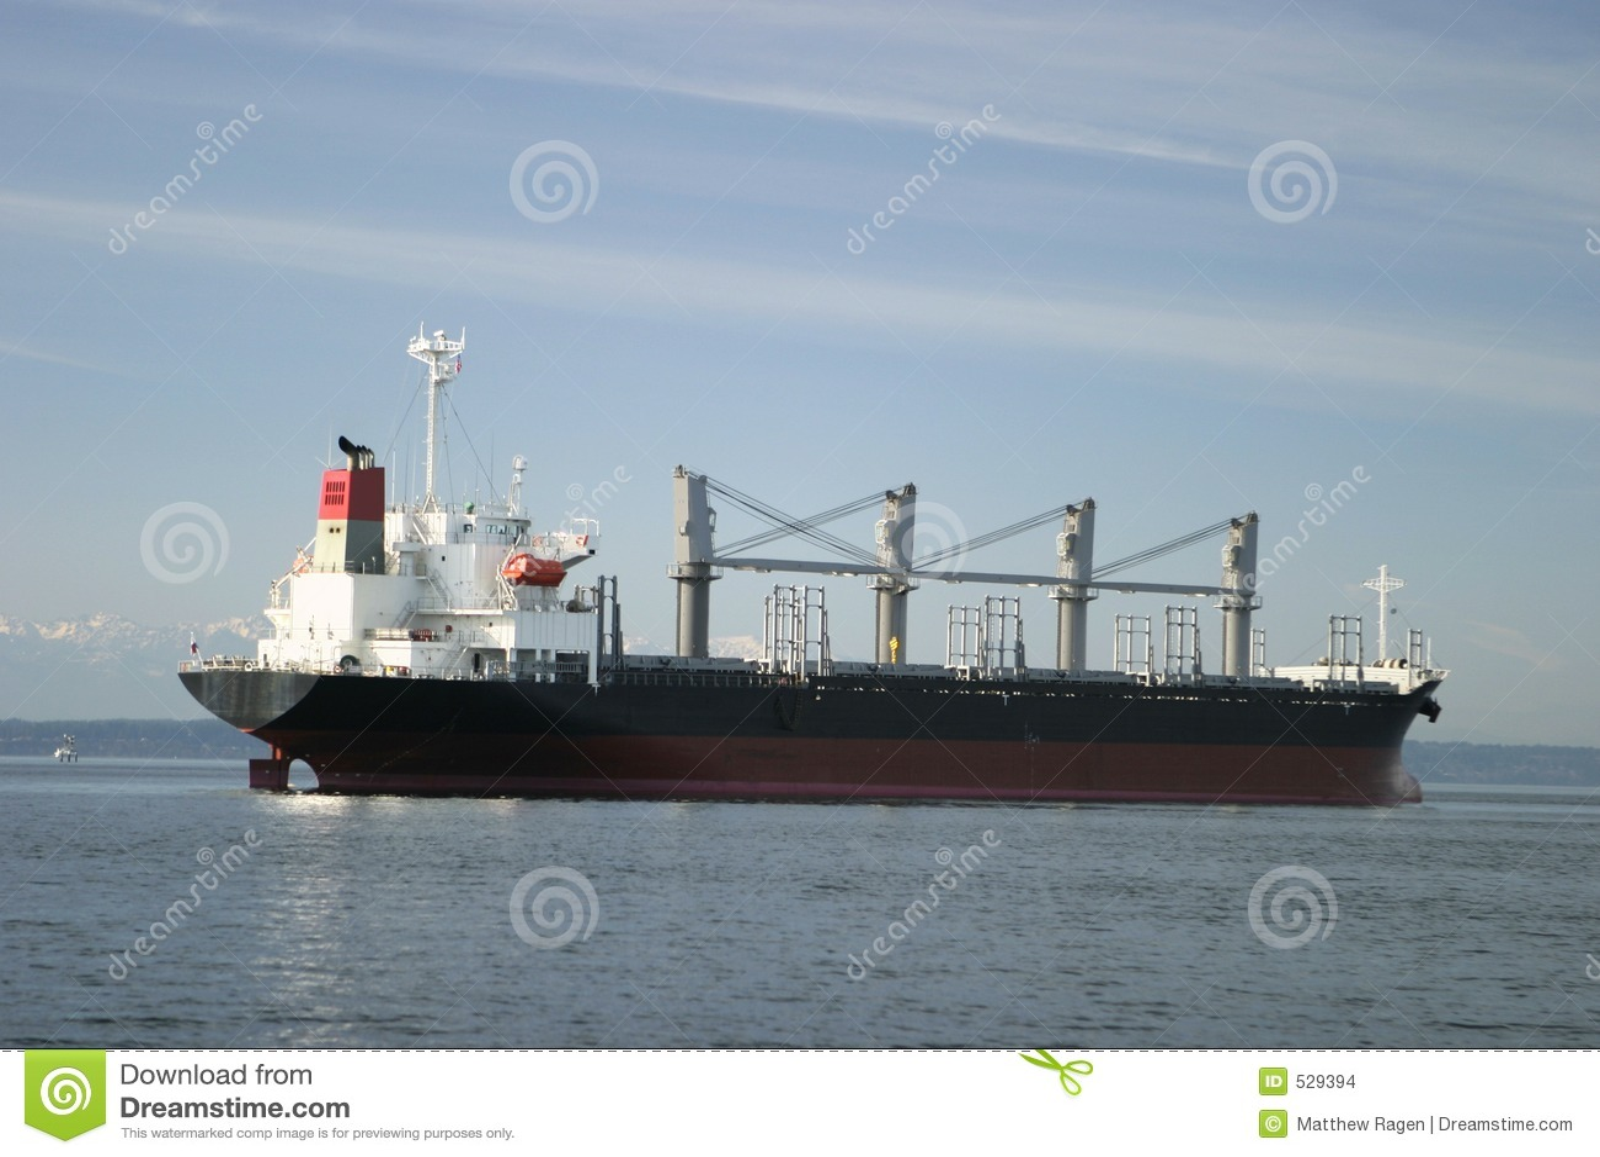 Download 货物货轮 库存照片. 图片 包括有 货轮, 货物, 运输, 贸易商, 商业, 发运, 超结构, 船尾, 小船 - 529394